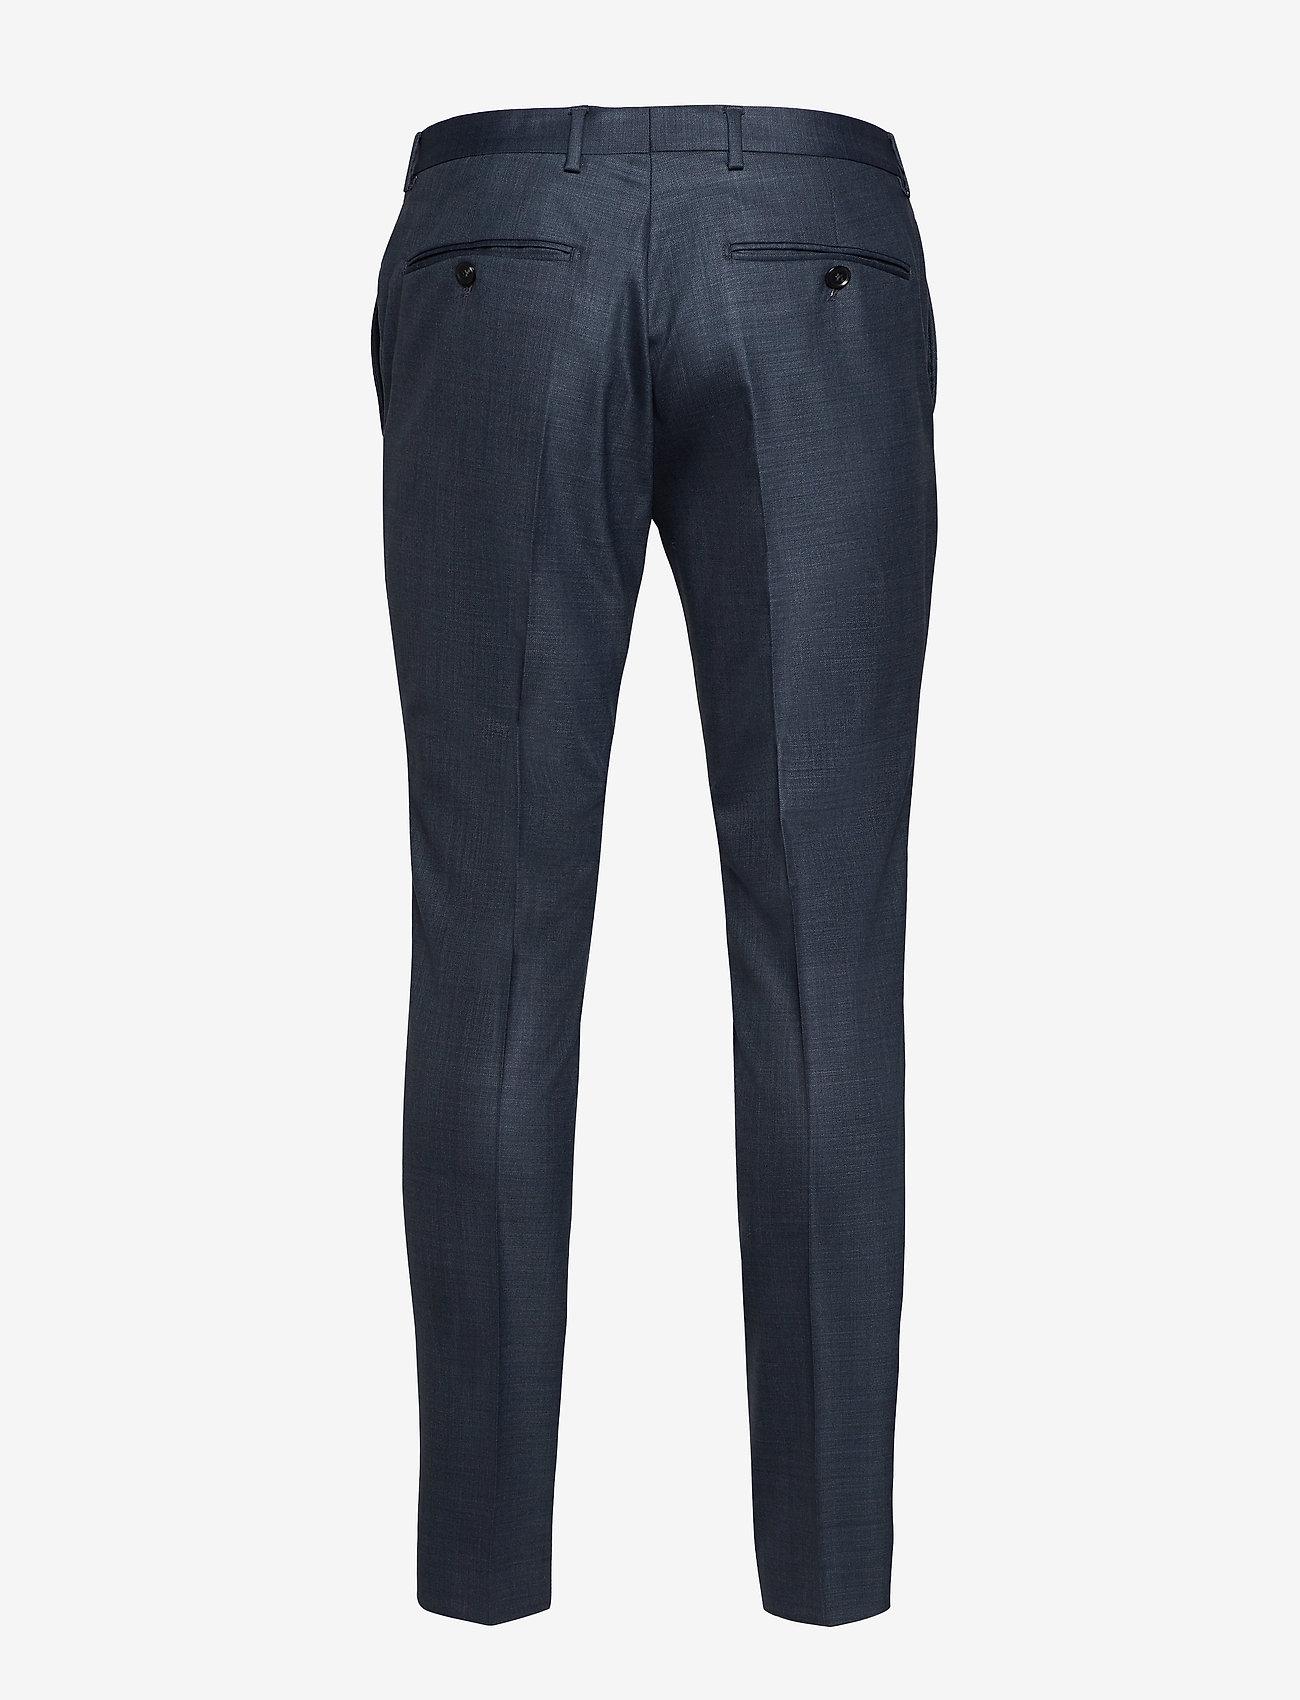 Selected Homme - SLHSLIM-MYLOSTATE FLEX BL STR TRS B NOOS - suitbukser - dark blue - 1